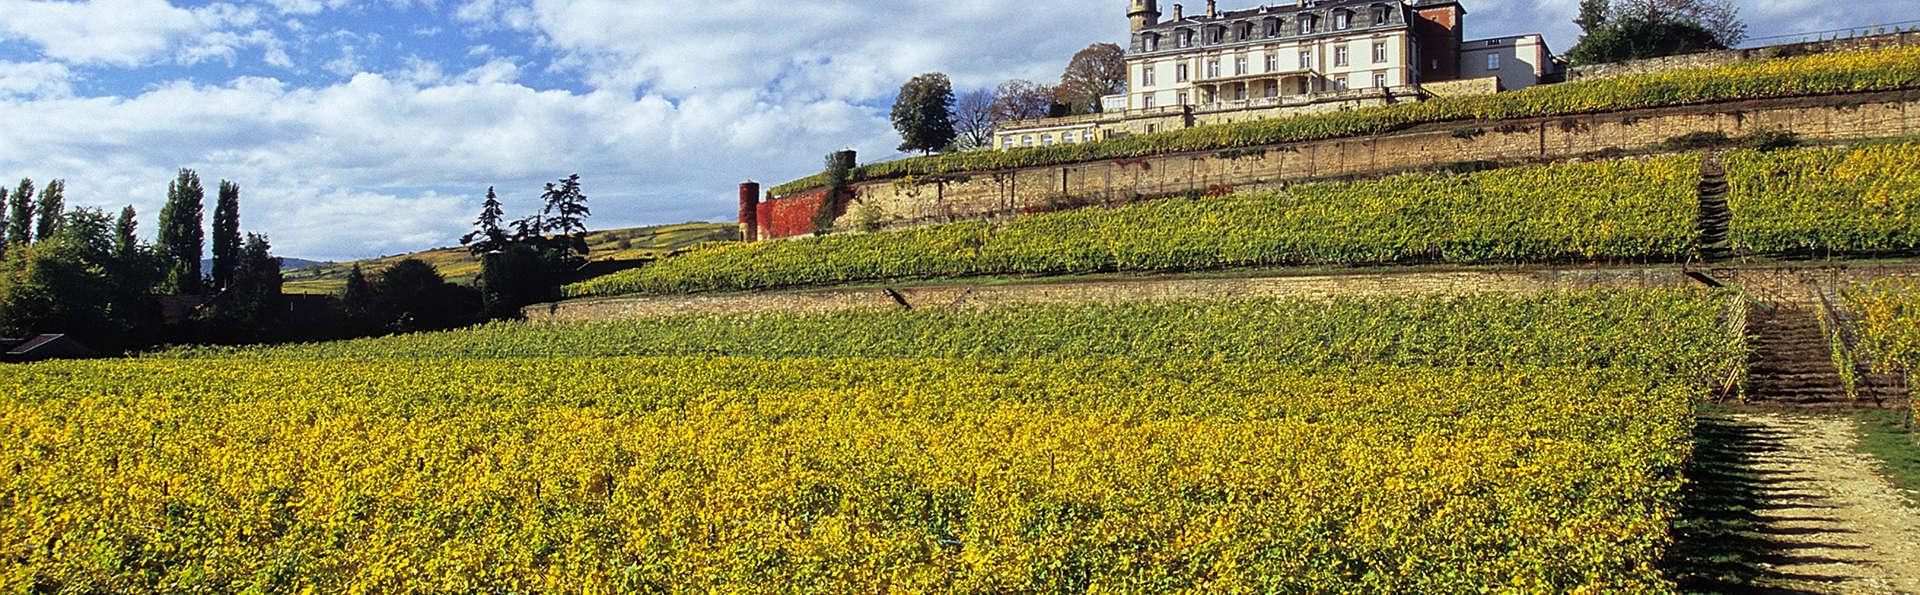 Détente dans un élégant château du XIXème siècle sur la Route des vins d'Alsace